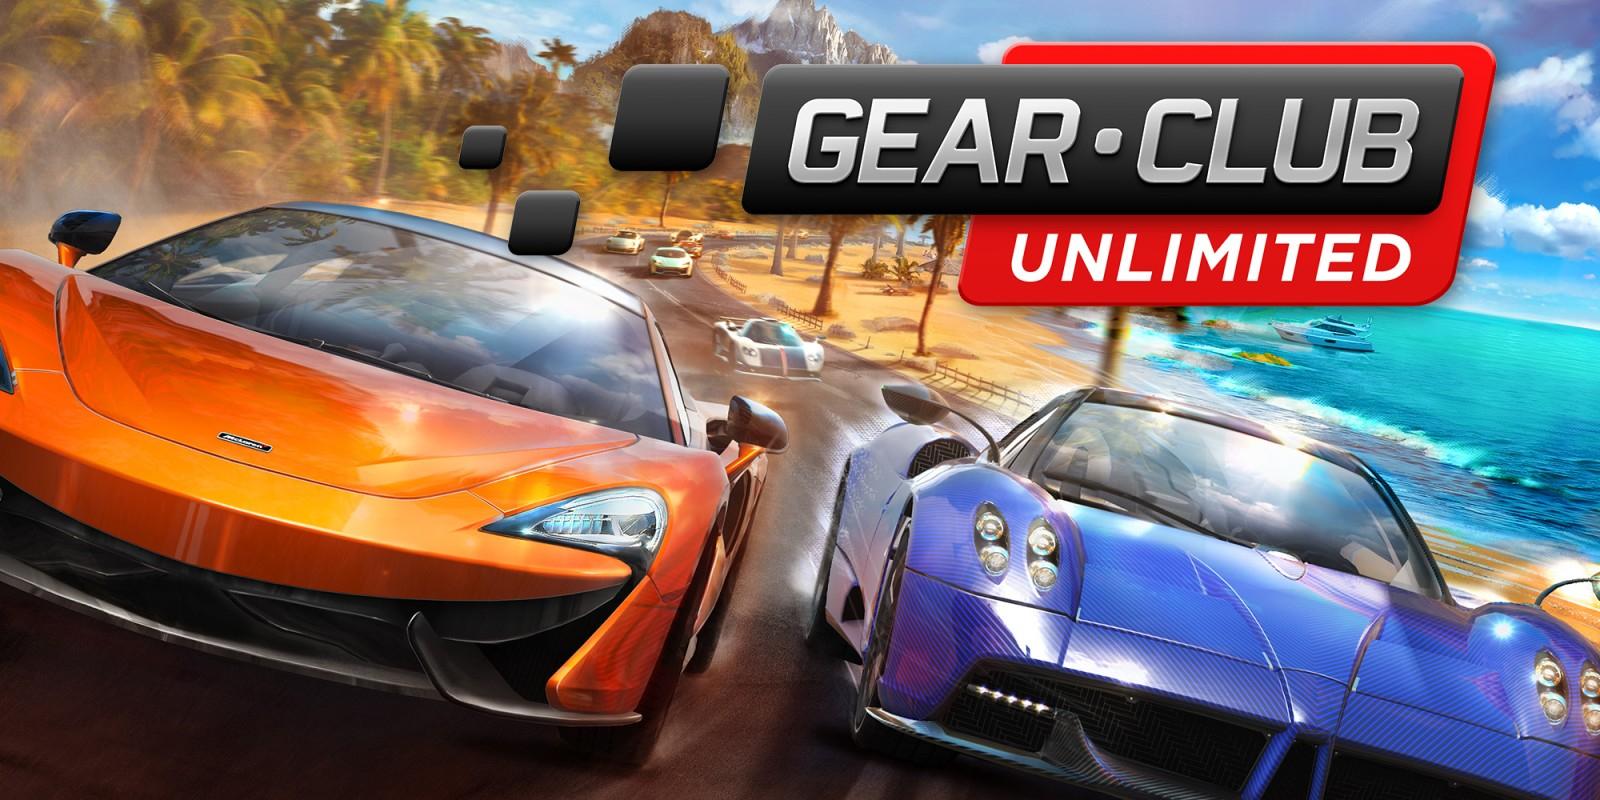 Gear.Club Unlimited - Nintendo Switch [Nintendo eShop]